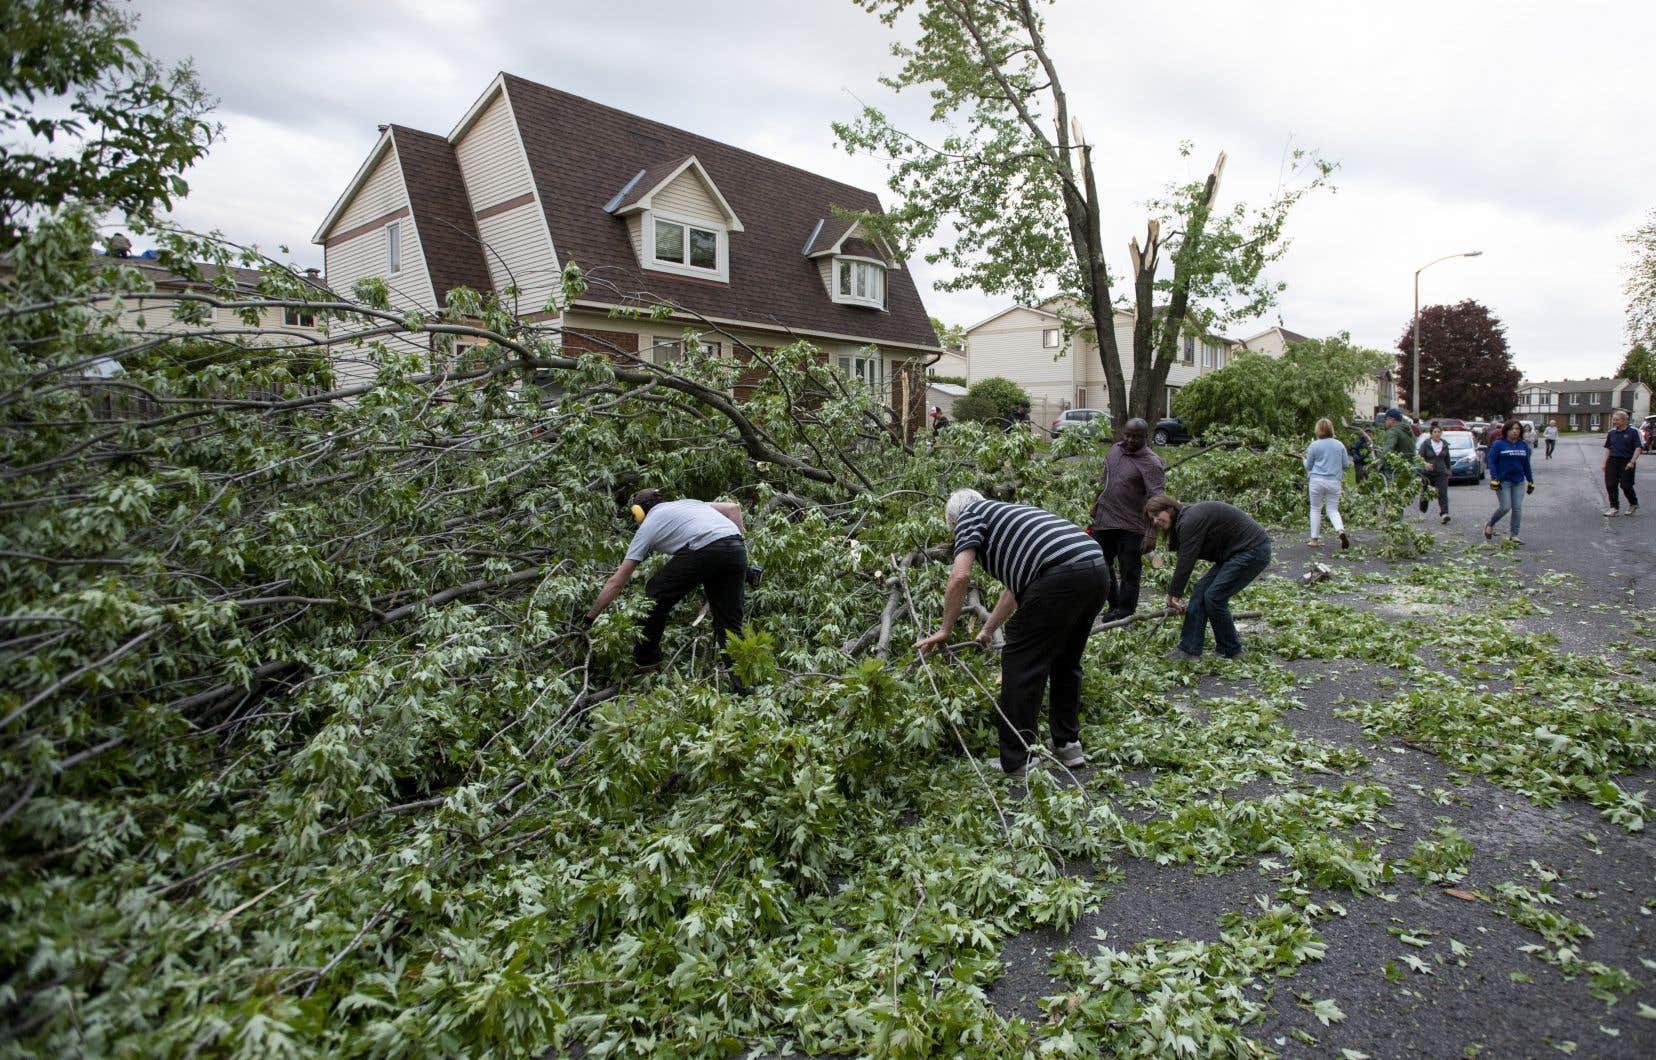 Selon Environnement Canada, «la tornade soulève des débris et cause des dommages». L'agence recommandait à la population des environs de se mettre à l'abri «immédiatement».